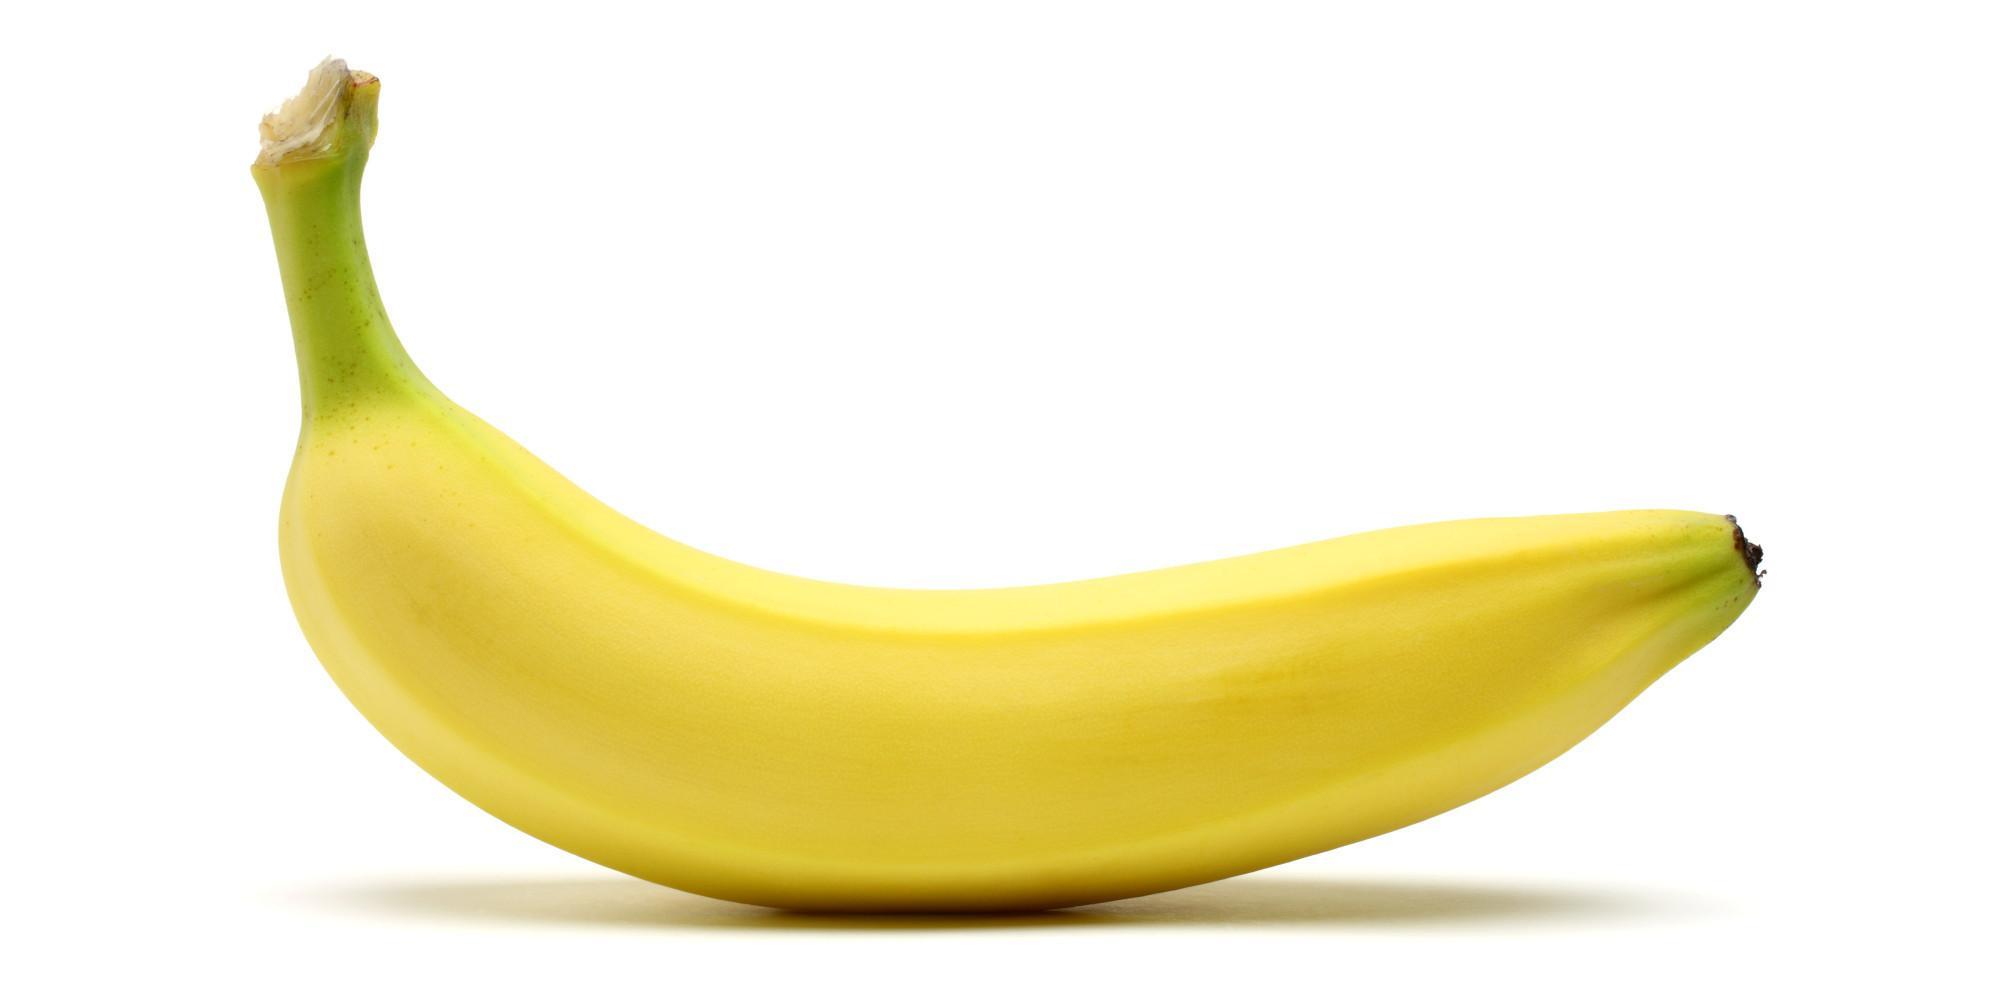 Banana: Propriedades e Benefícios